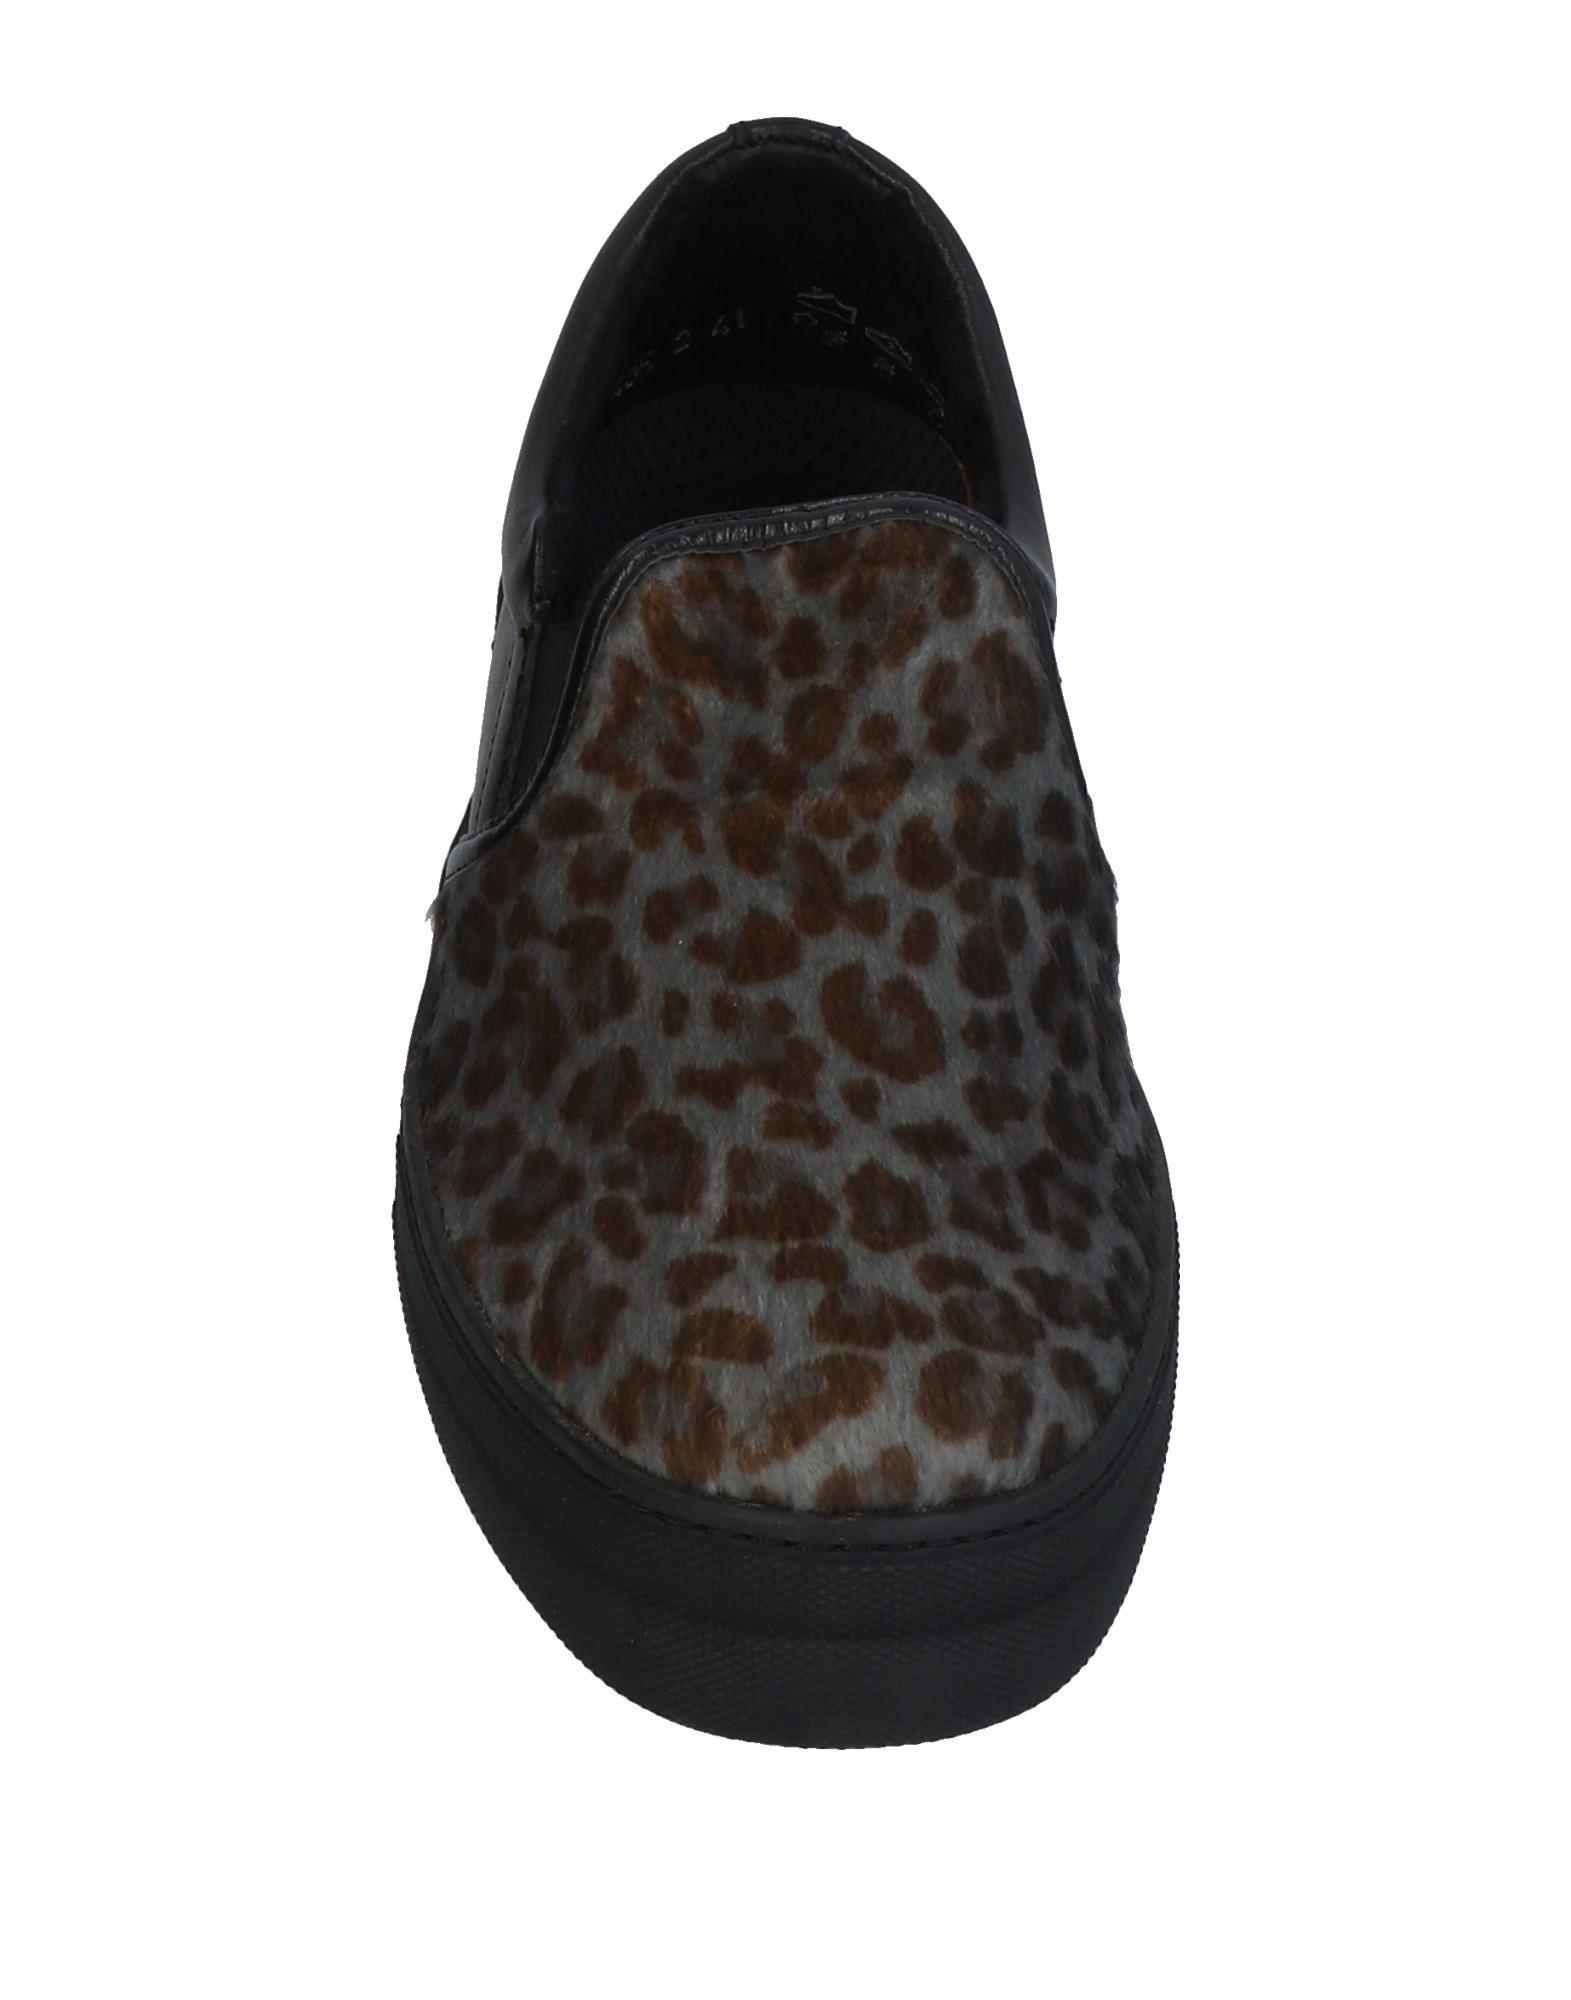 Frau Sneakers Damen  11459083FU 11459083FU  e7eb81